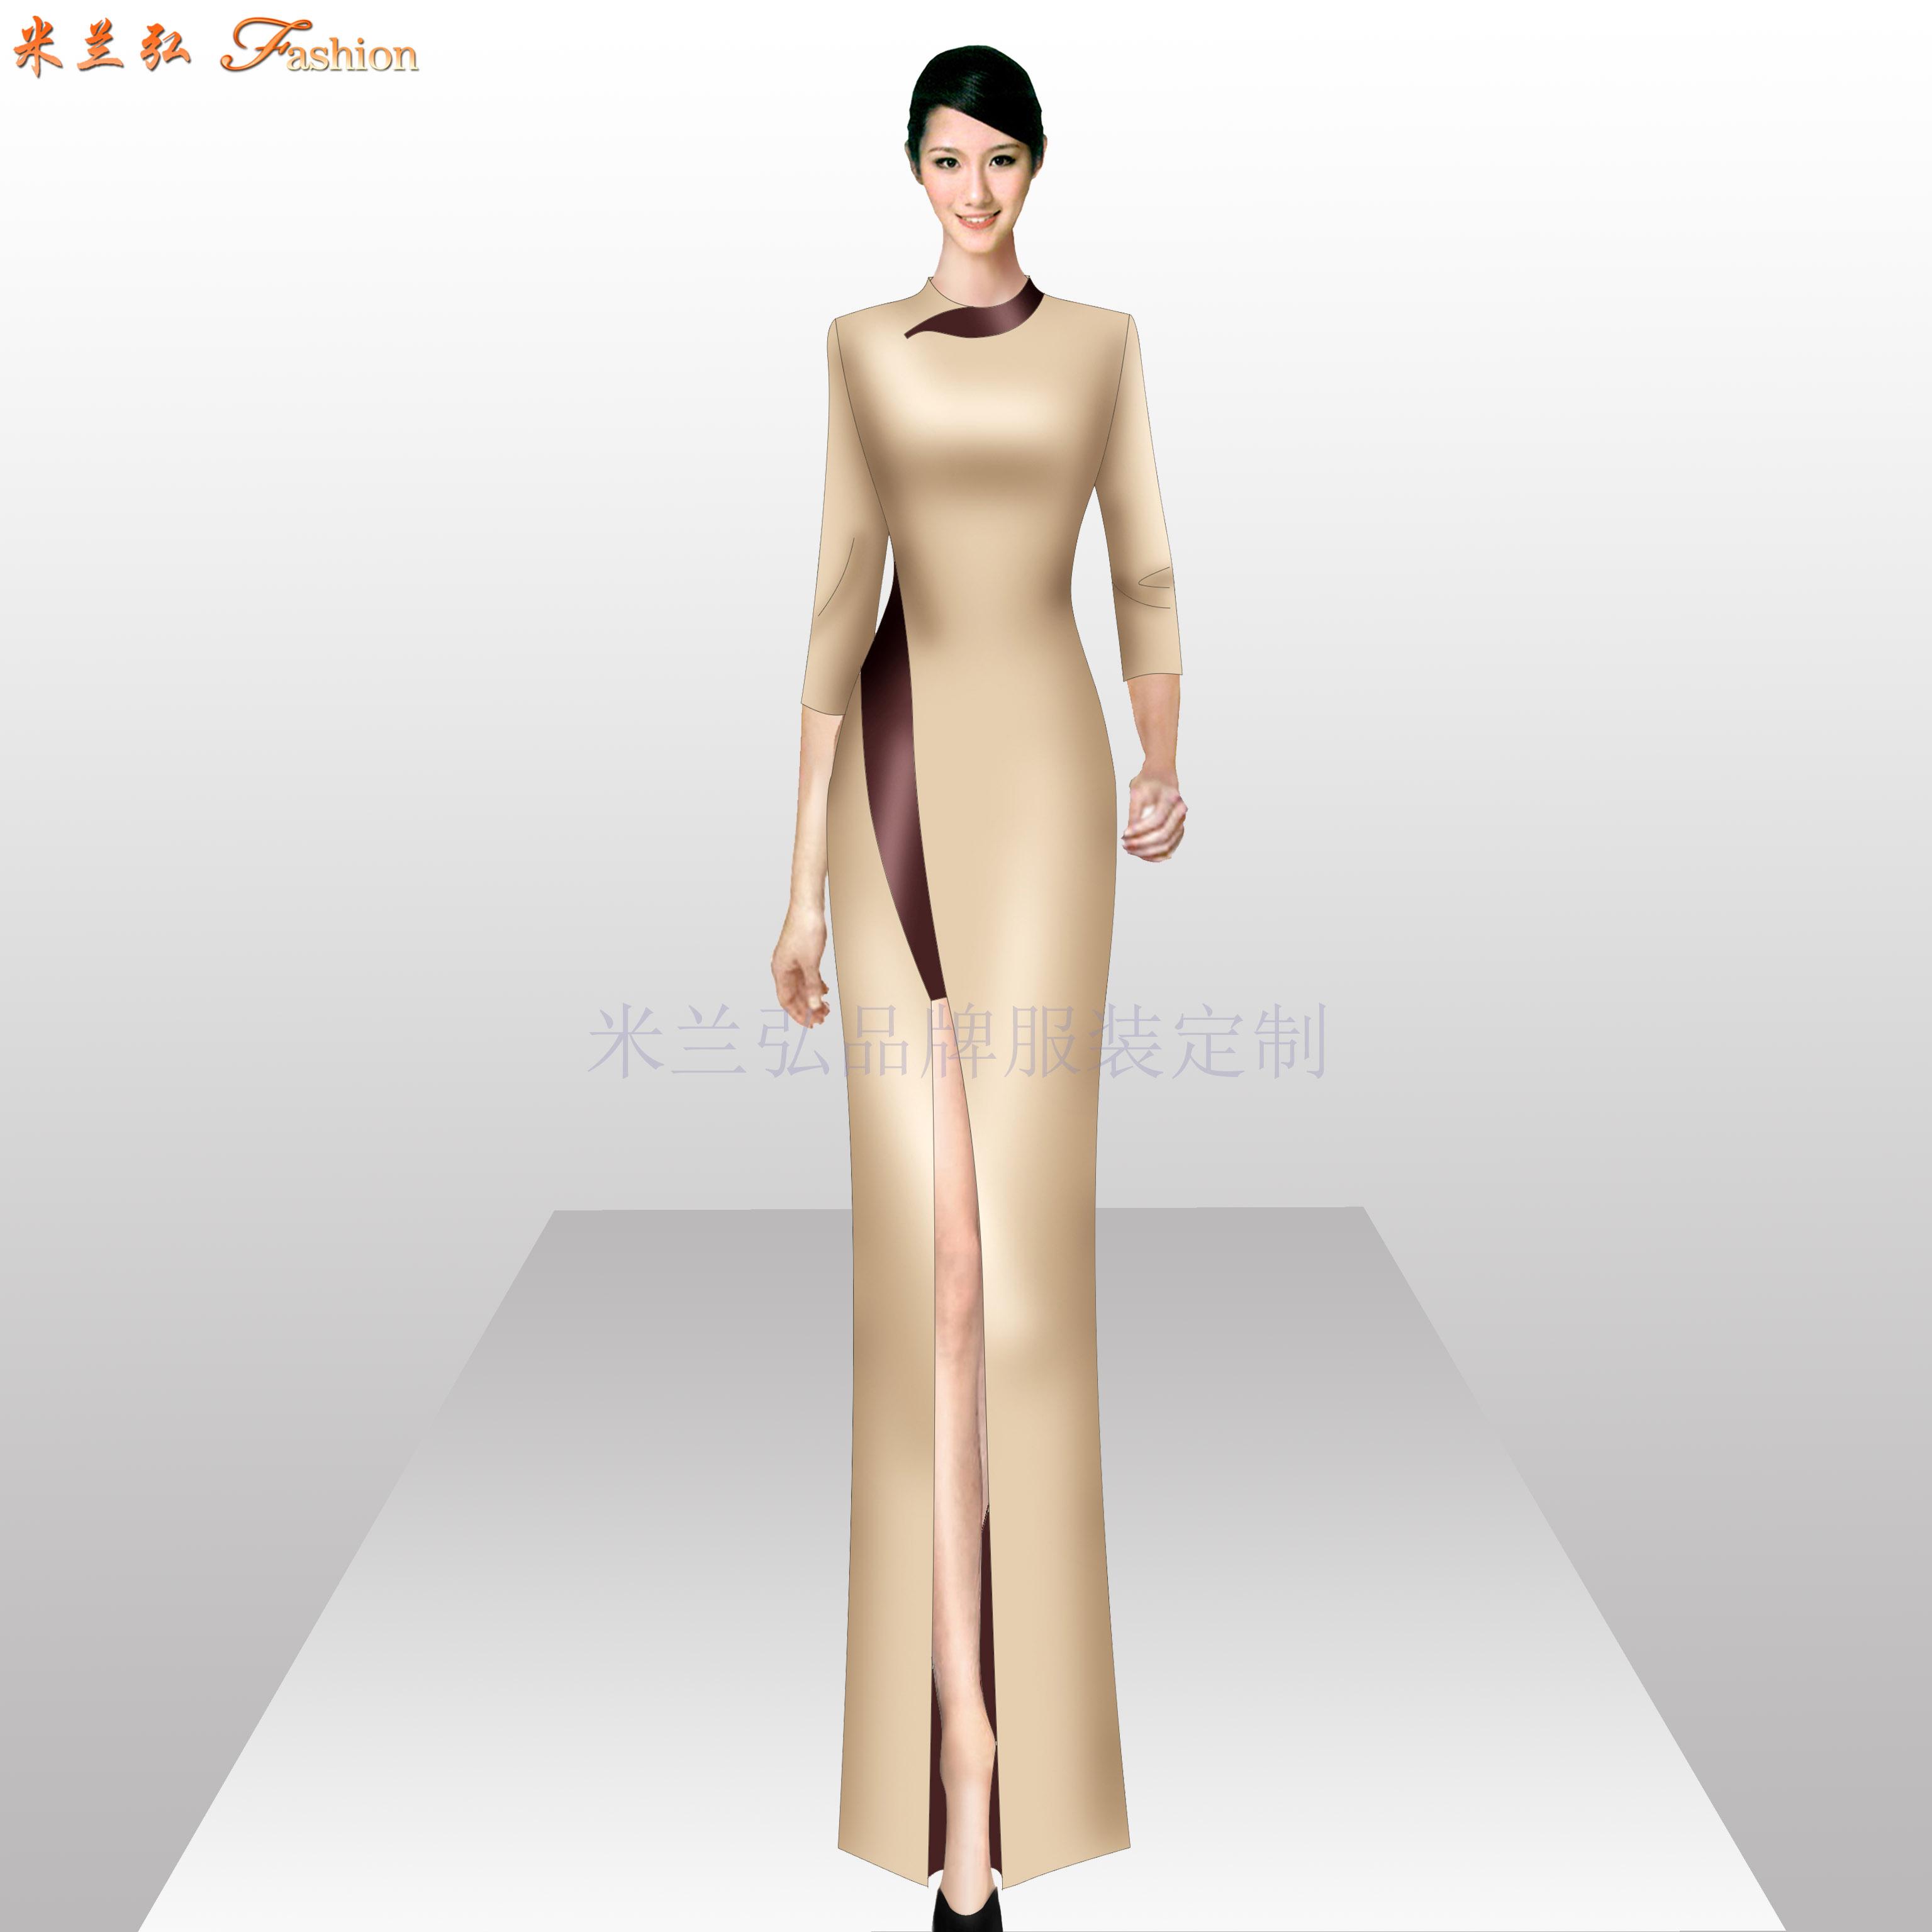 「手工定制旗袍」「量身訂制旗袍」-米蘭弘品牌服裝-3